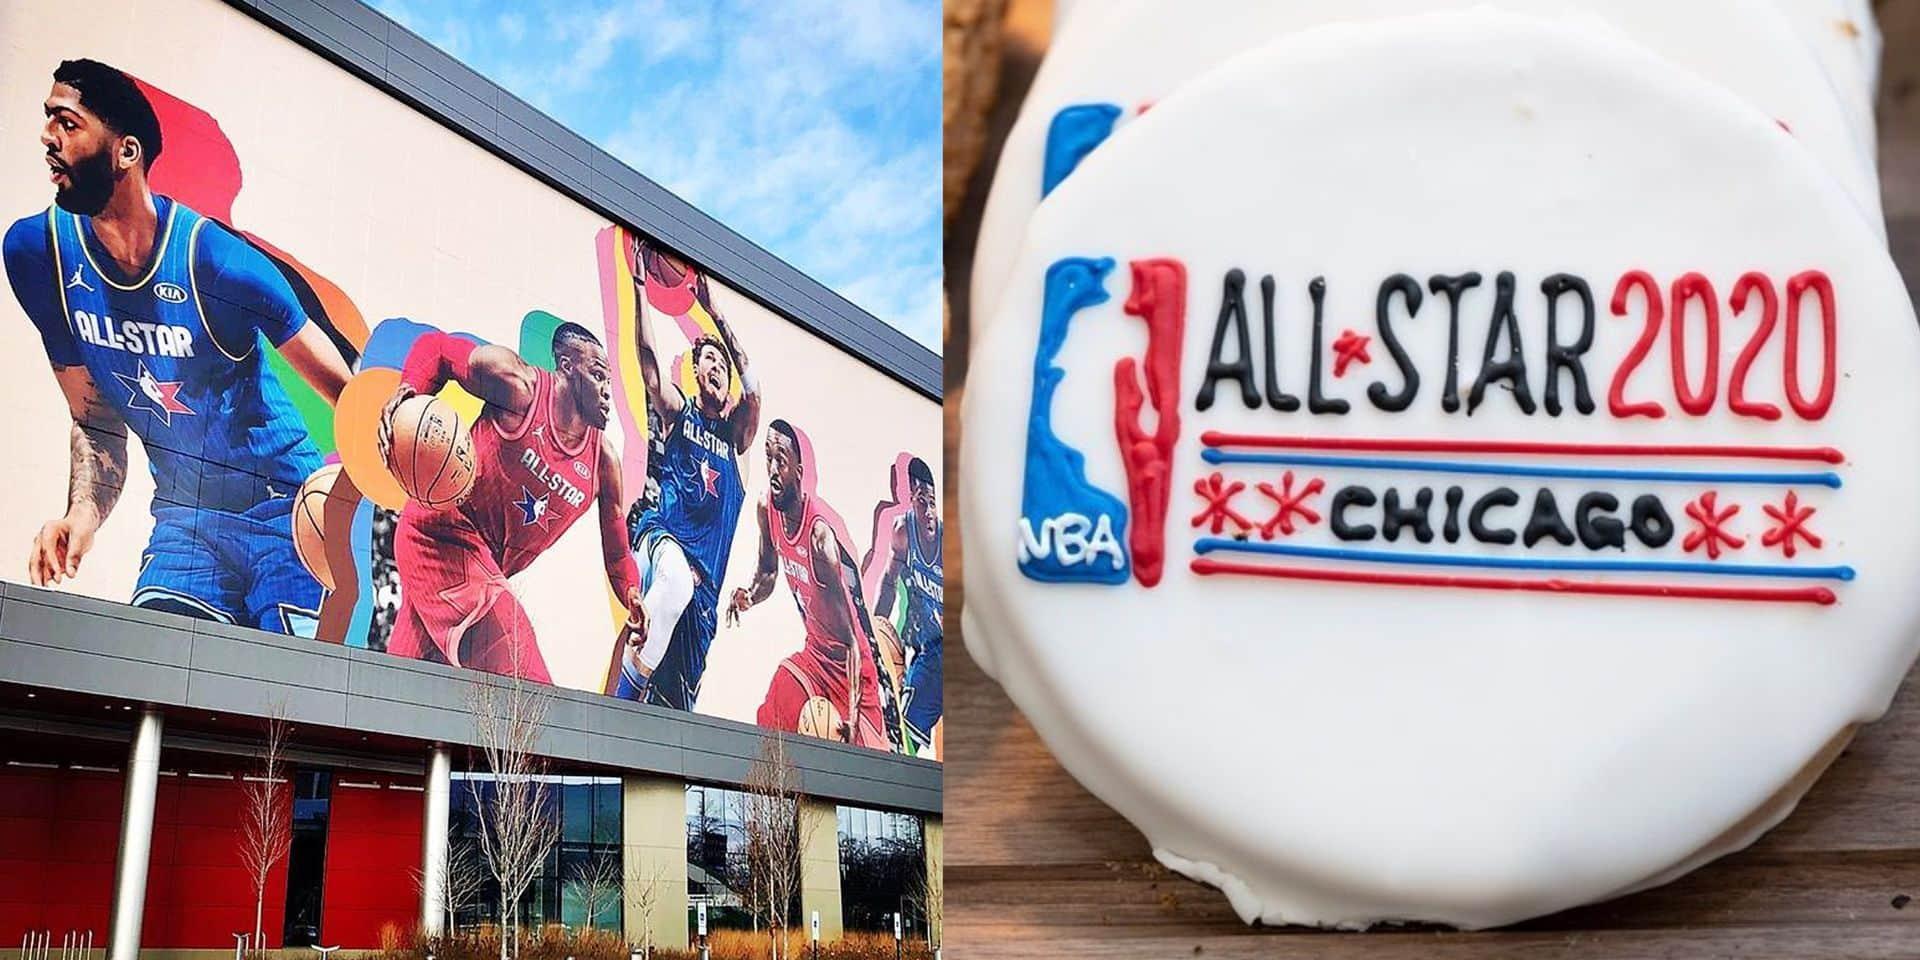 Pour le All-Star Game, Chicago s'est mis sur son 31